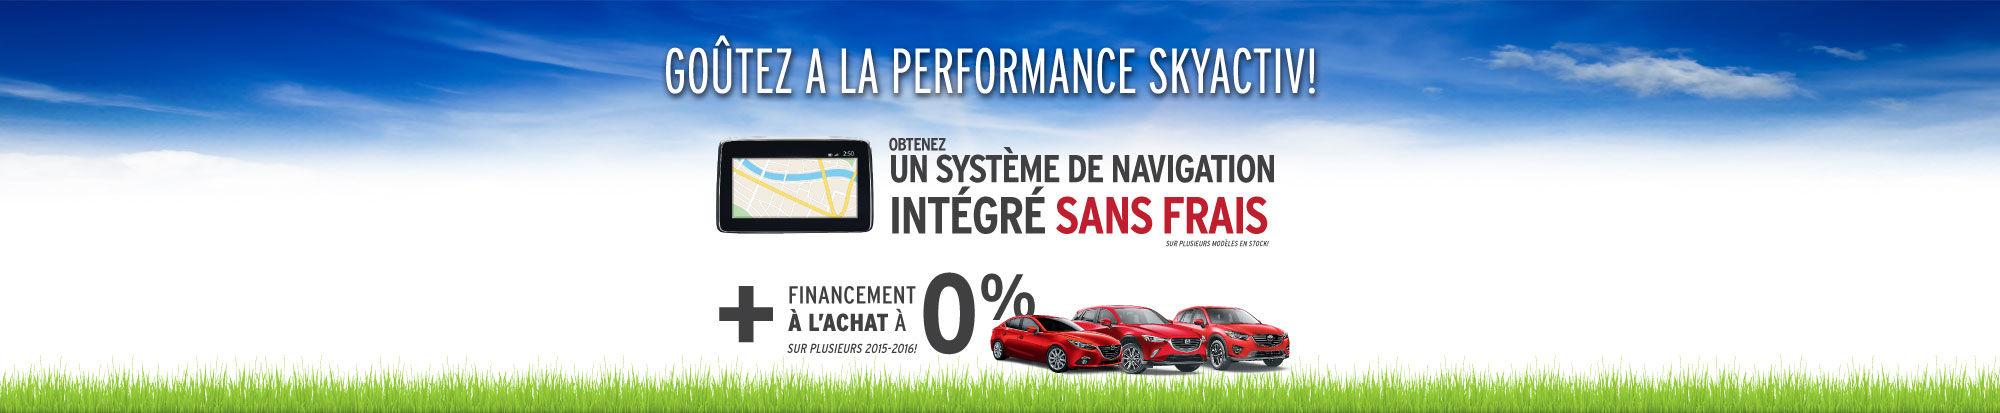 Événement Goûtez à la performance Skyactiv Mazda